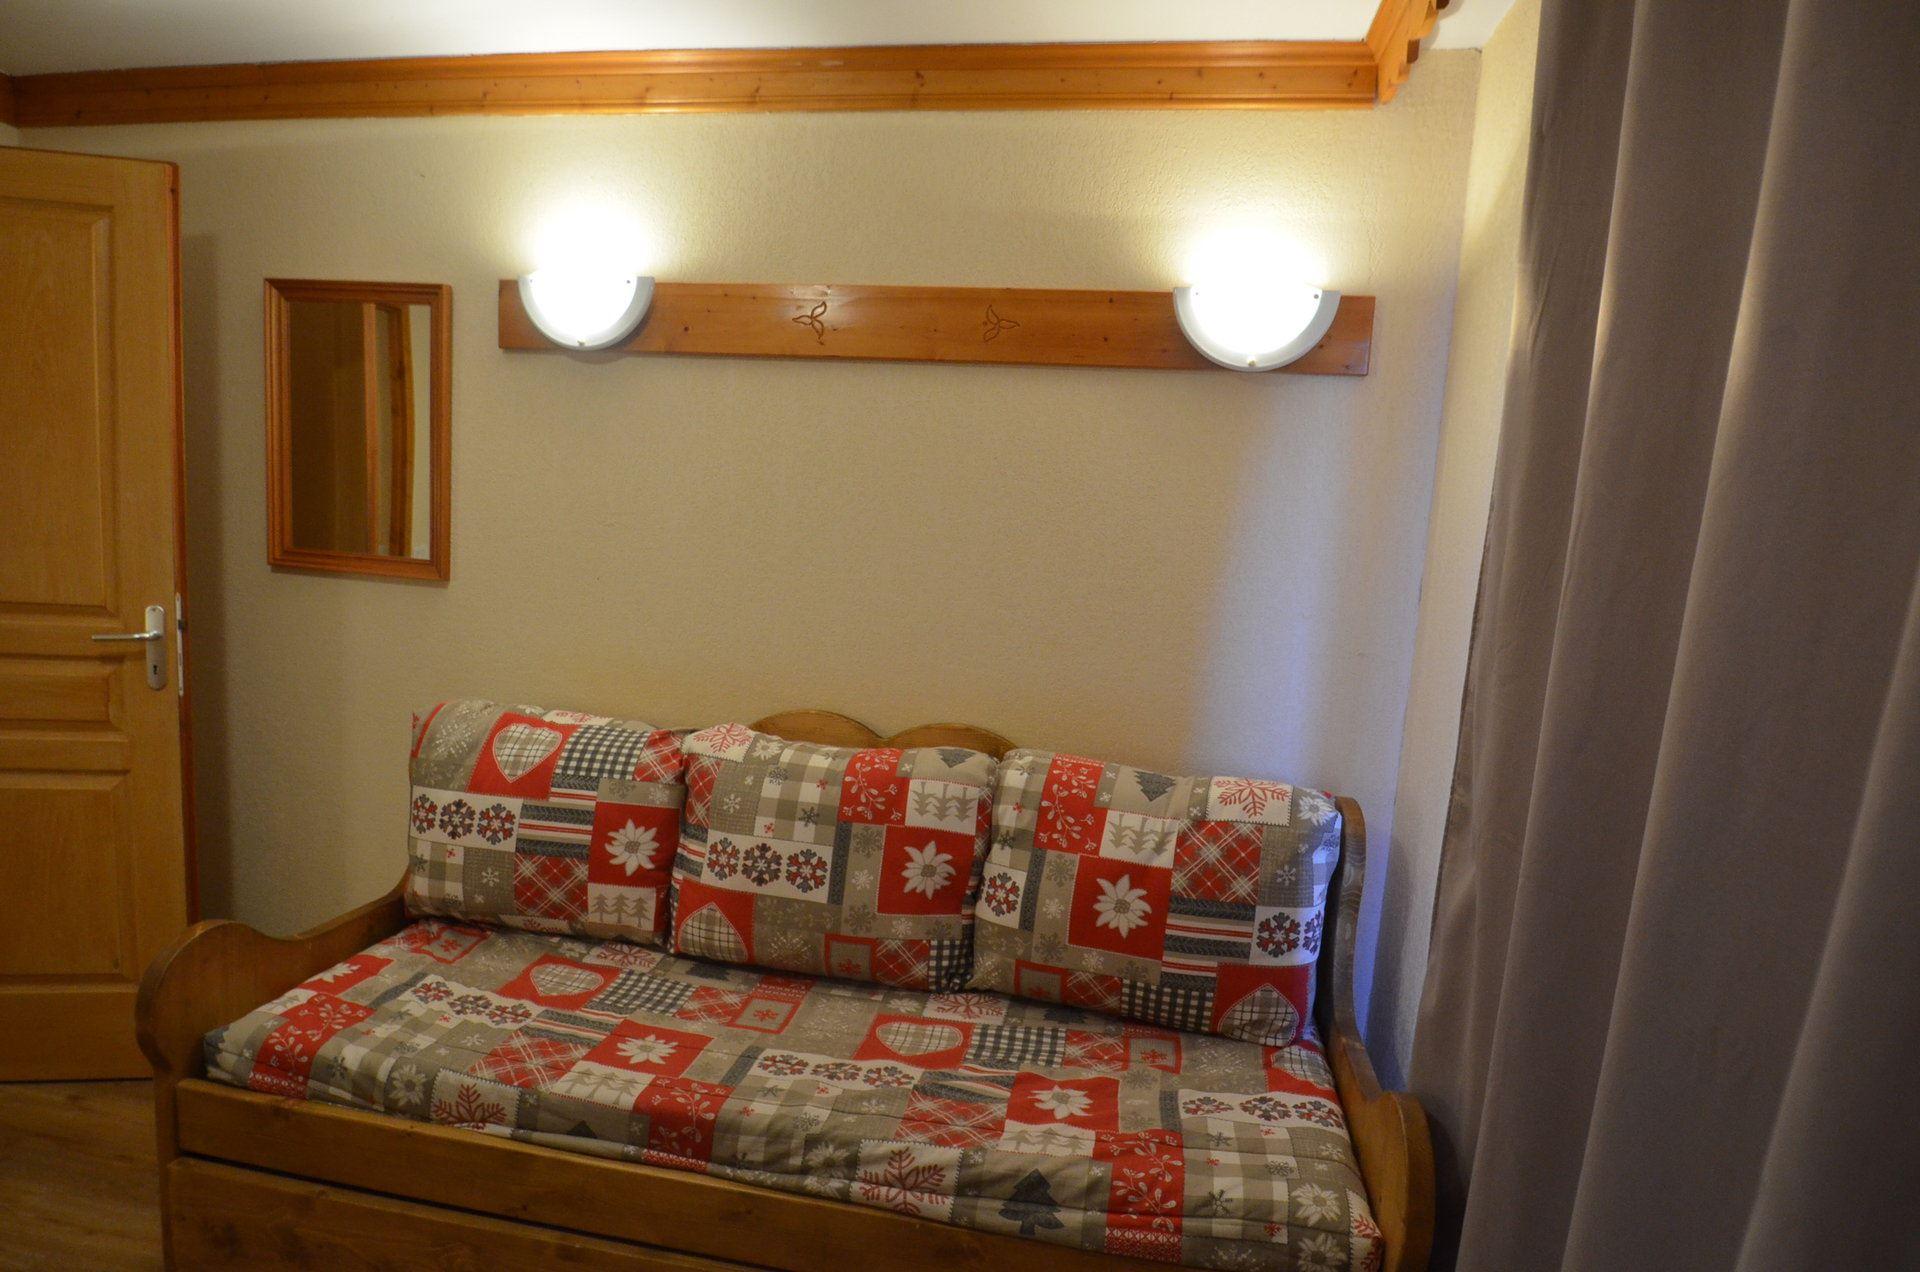 4 Pers Studio cabin ski-in ski-out / VALMONT 502